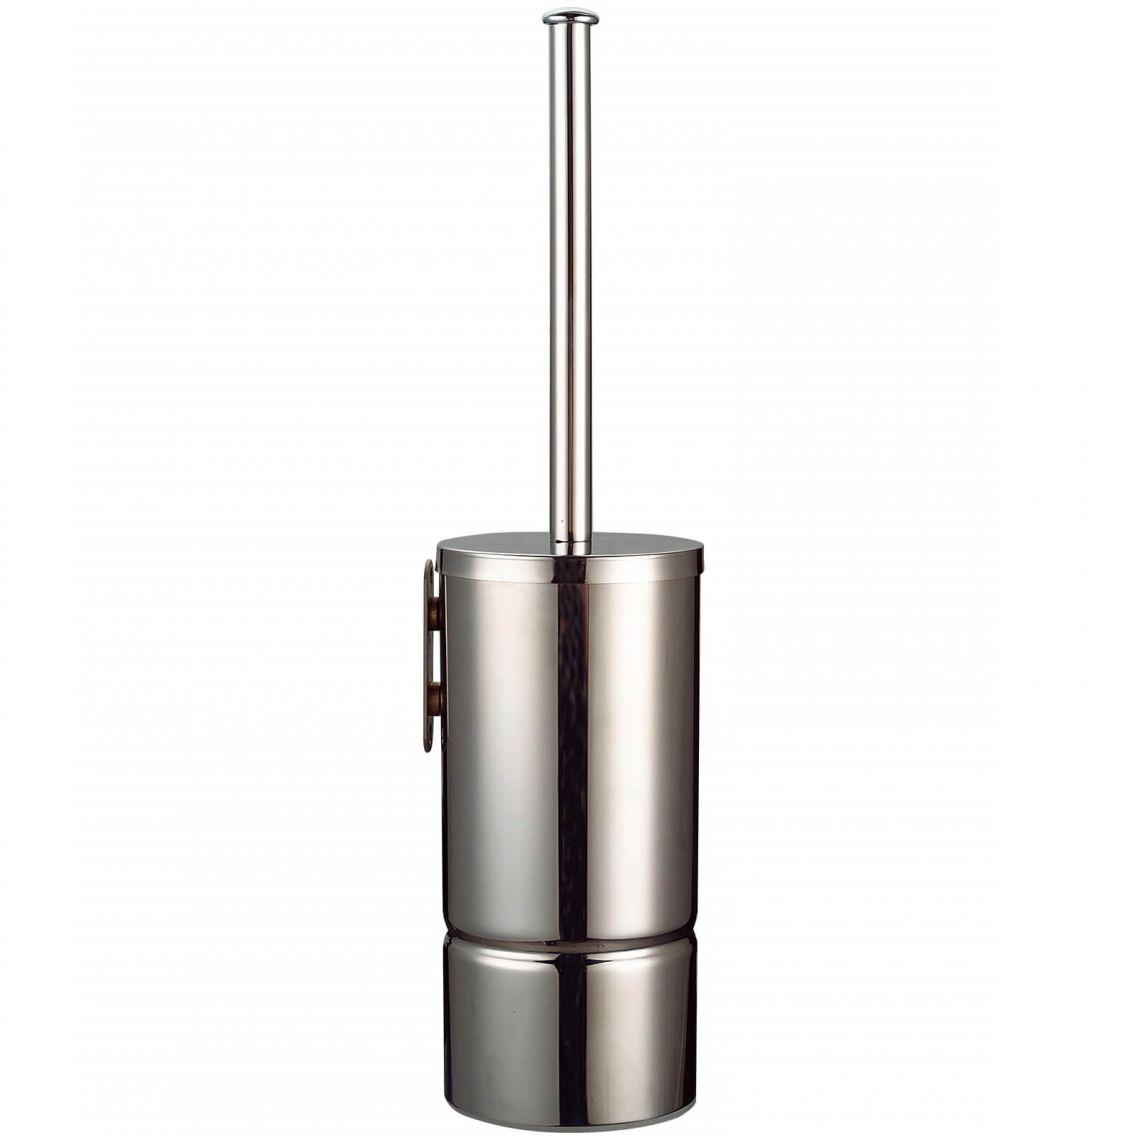 Щетка для унитаза NOFER из нержавеющей стали, Satin (09071.S)